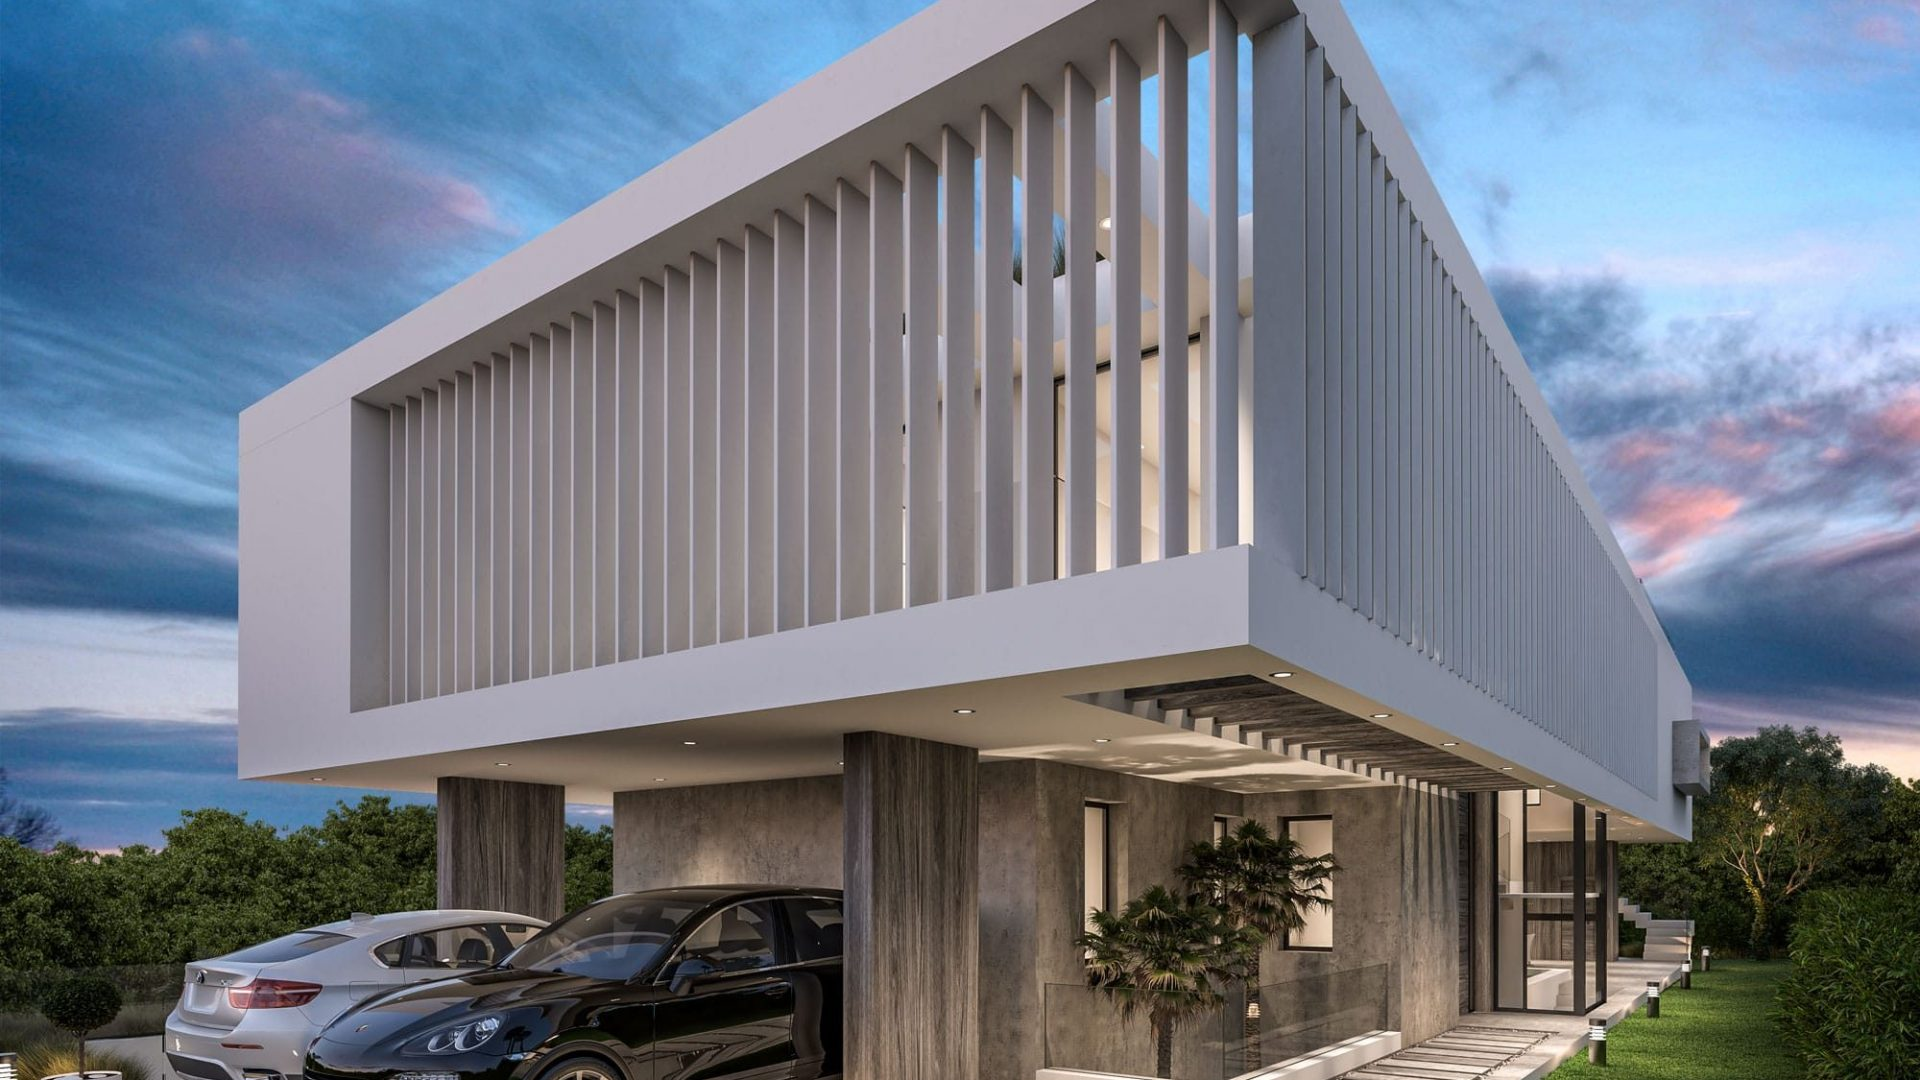 luxury-villa-dubai-marbella-madrid-b8-architecture-villa-cubus-02-2000x1600